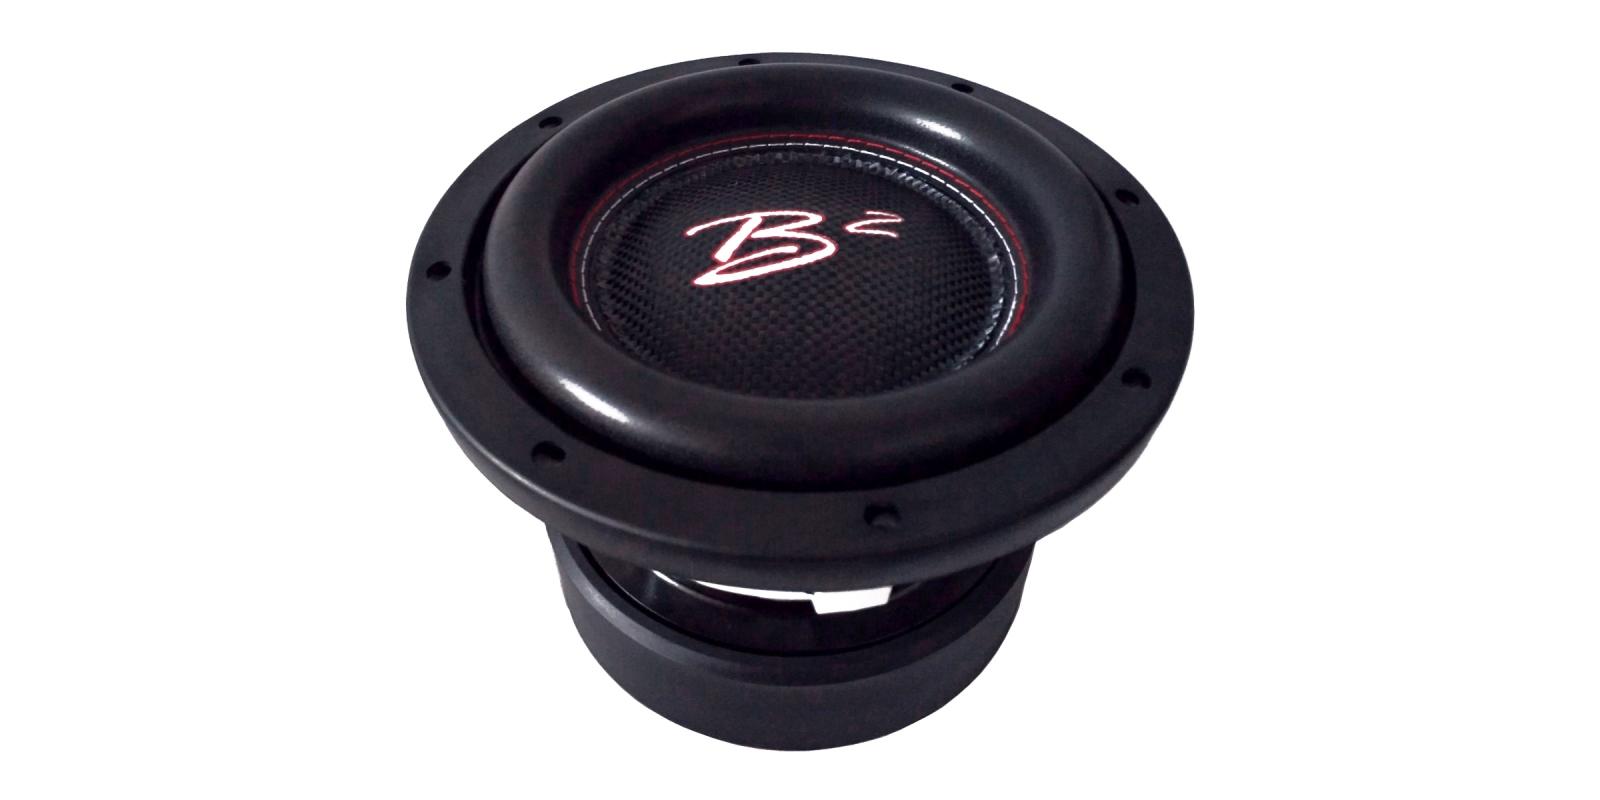 B2 audio XM8